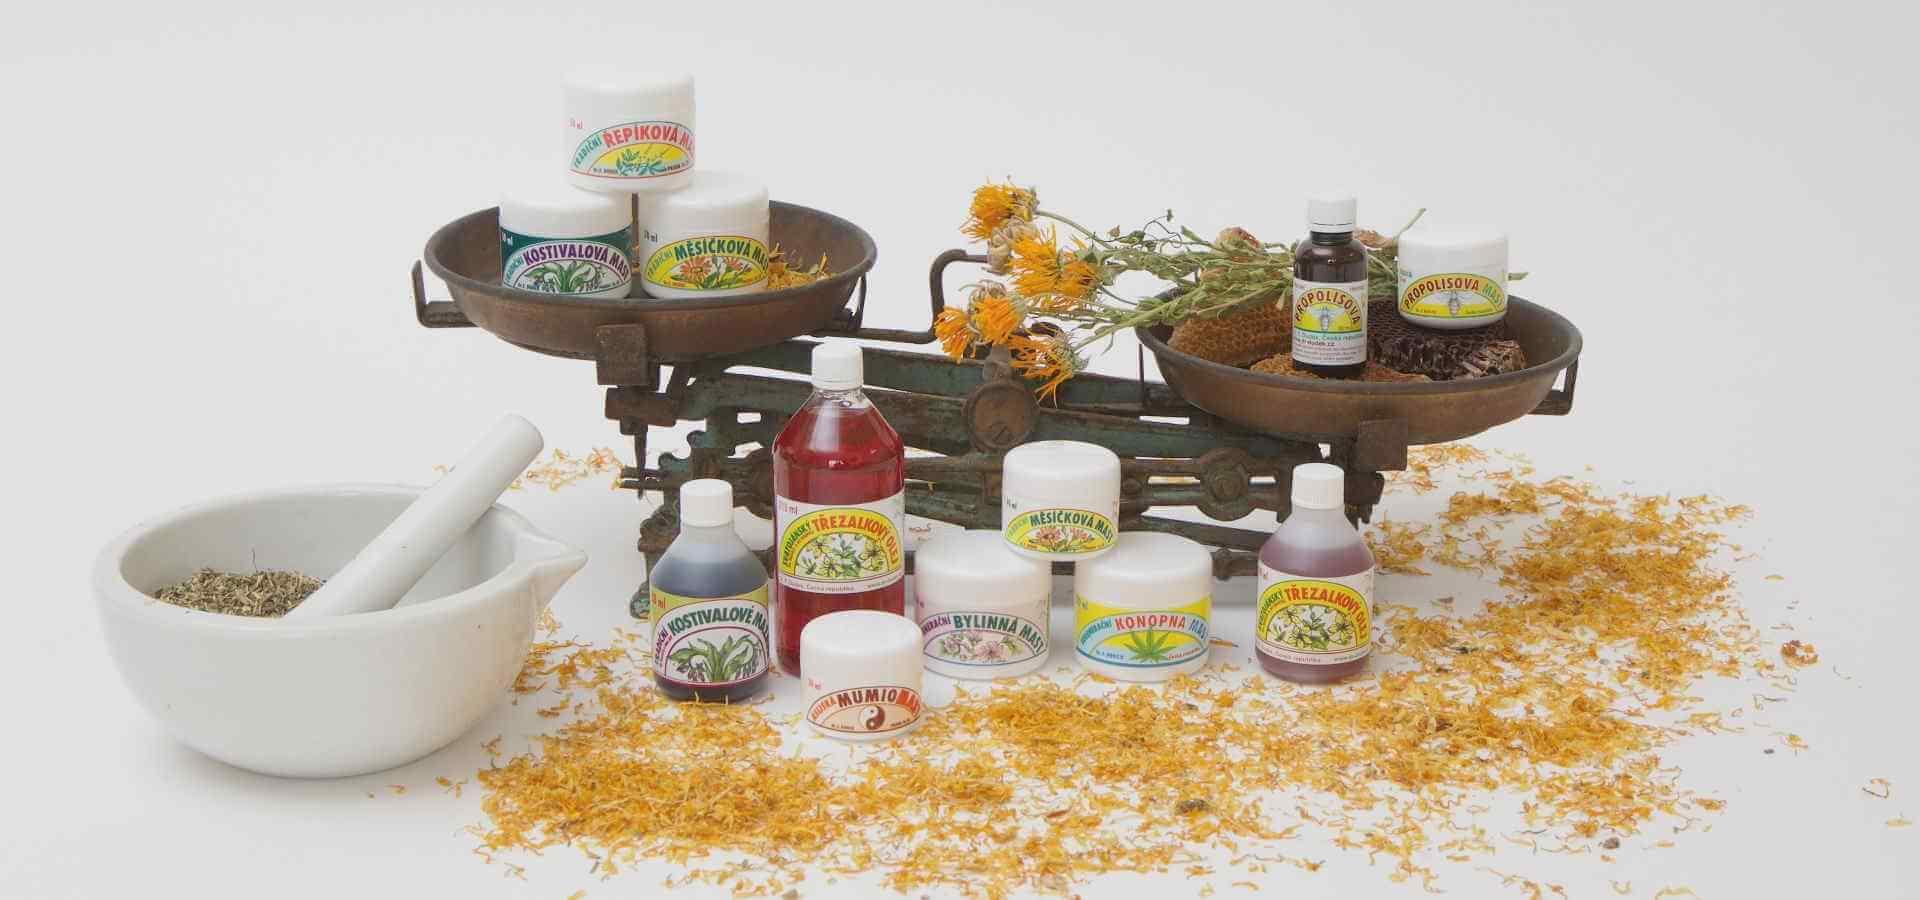 Dr. Dudek - Tradičná ručne vyrábaná prírodná kozmetika